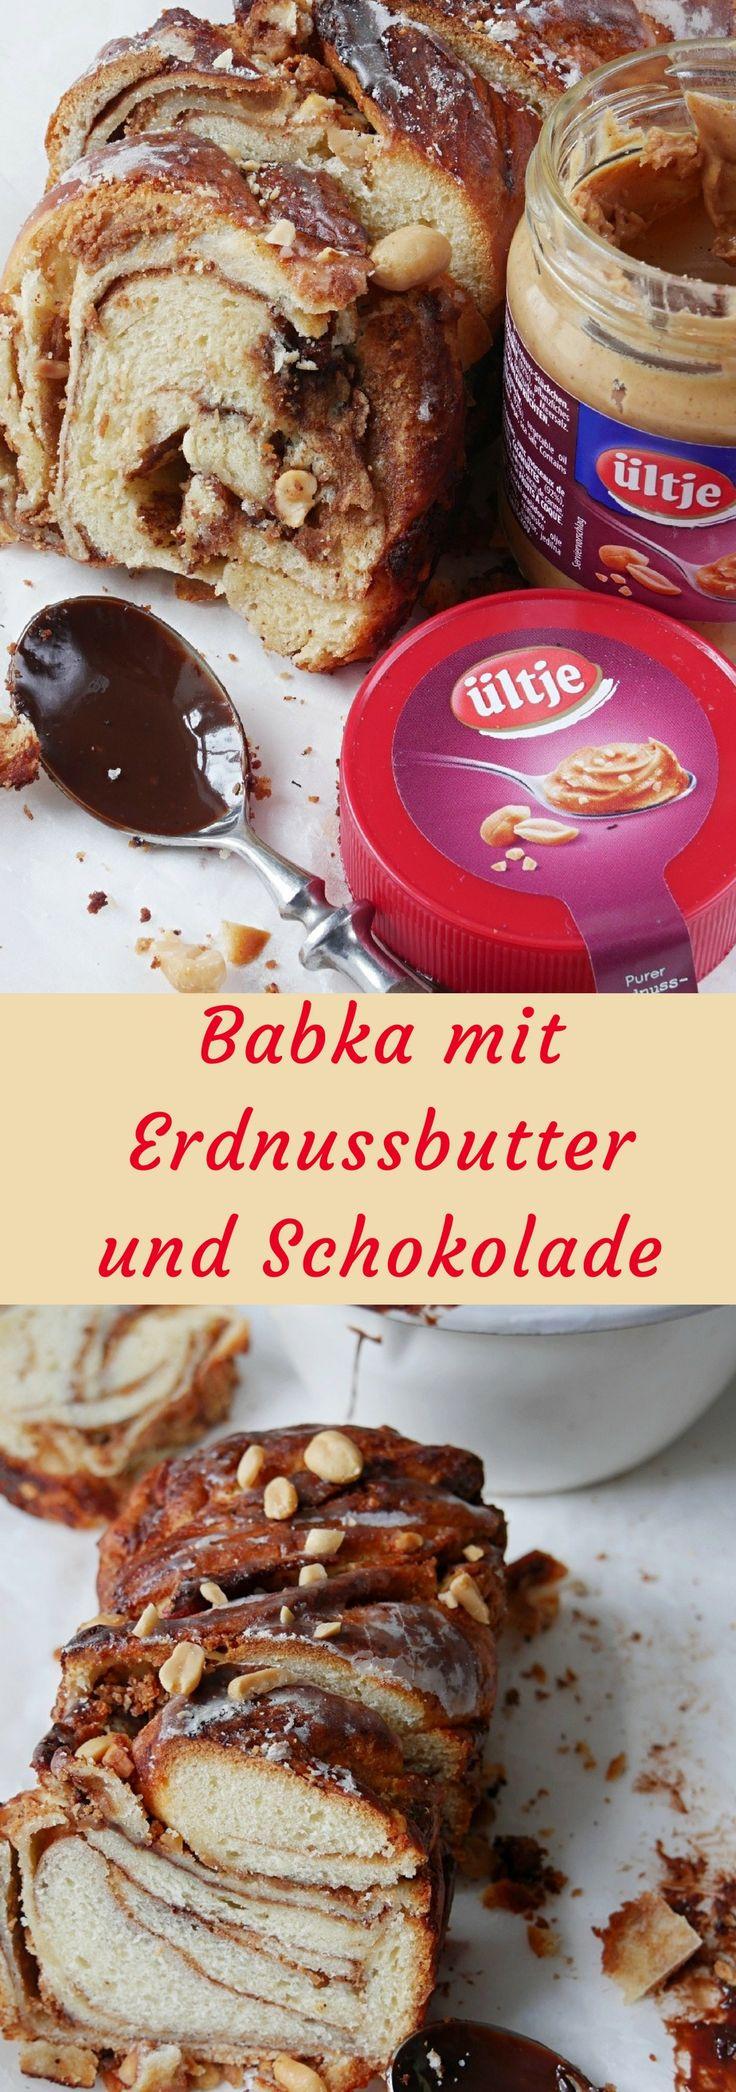 Weicher, fluffiger, süßer Hefeteig, immer wieder von Erdnussbutter und Schokolade durchzogen. Nichts anderes haben wir heute für euch und die Schönheit hört auf den Namen Babka